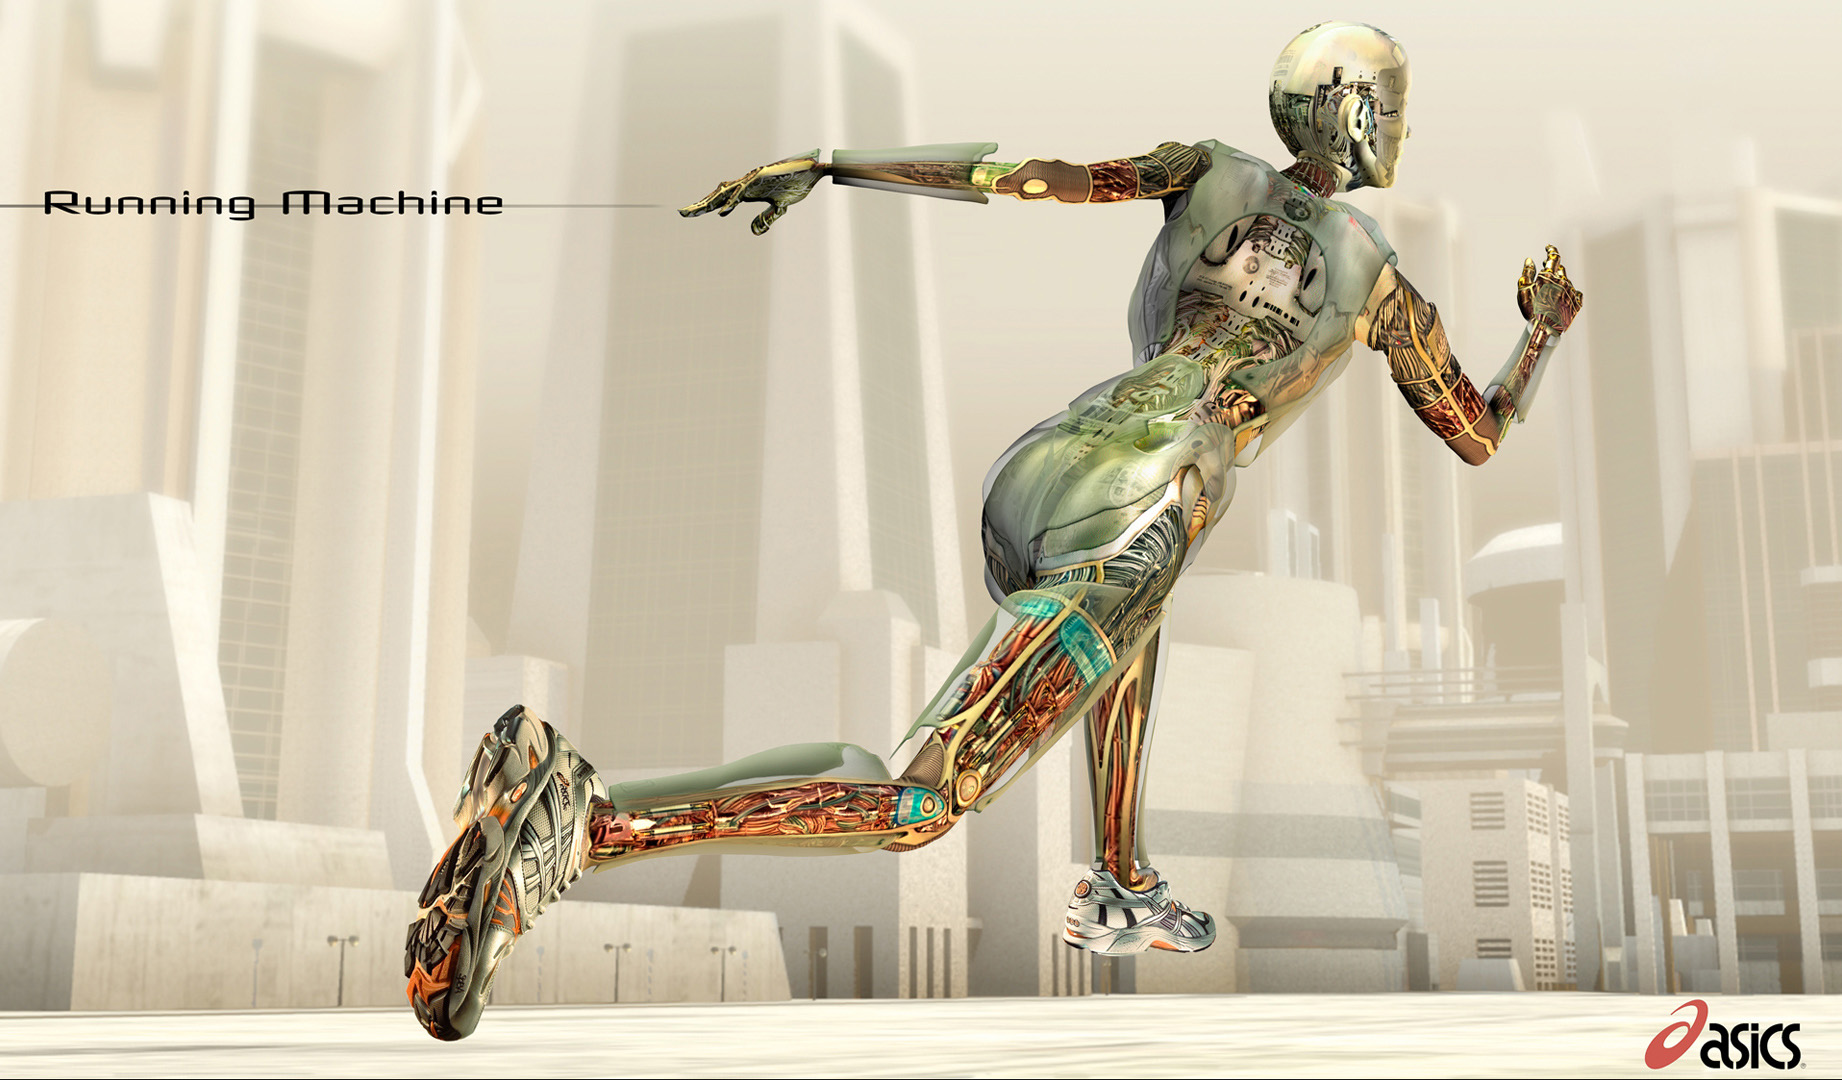 RunningMachine.jpg